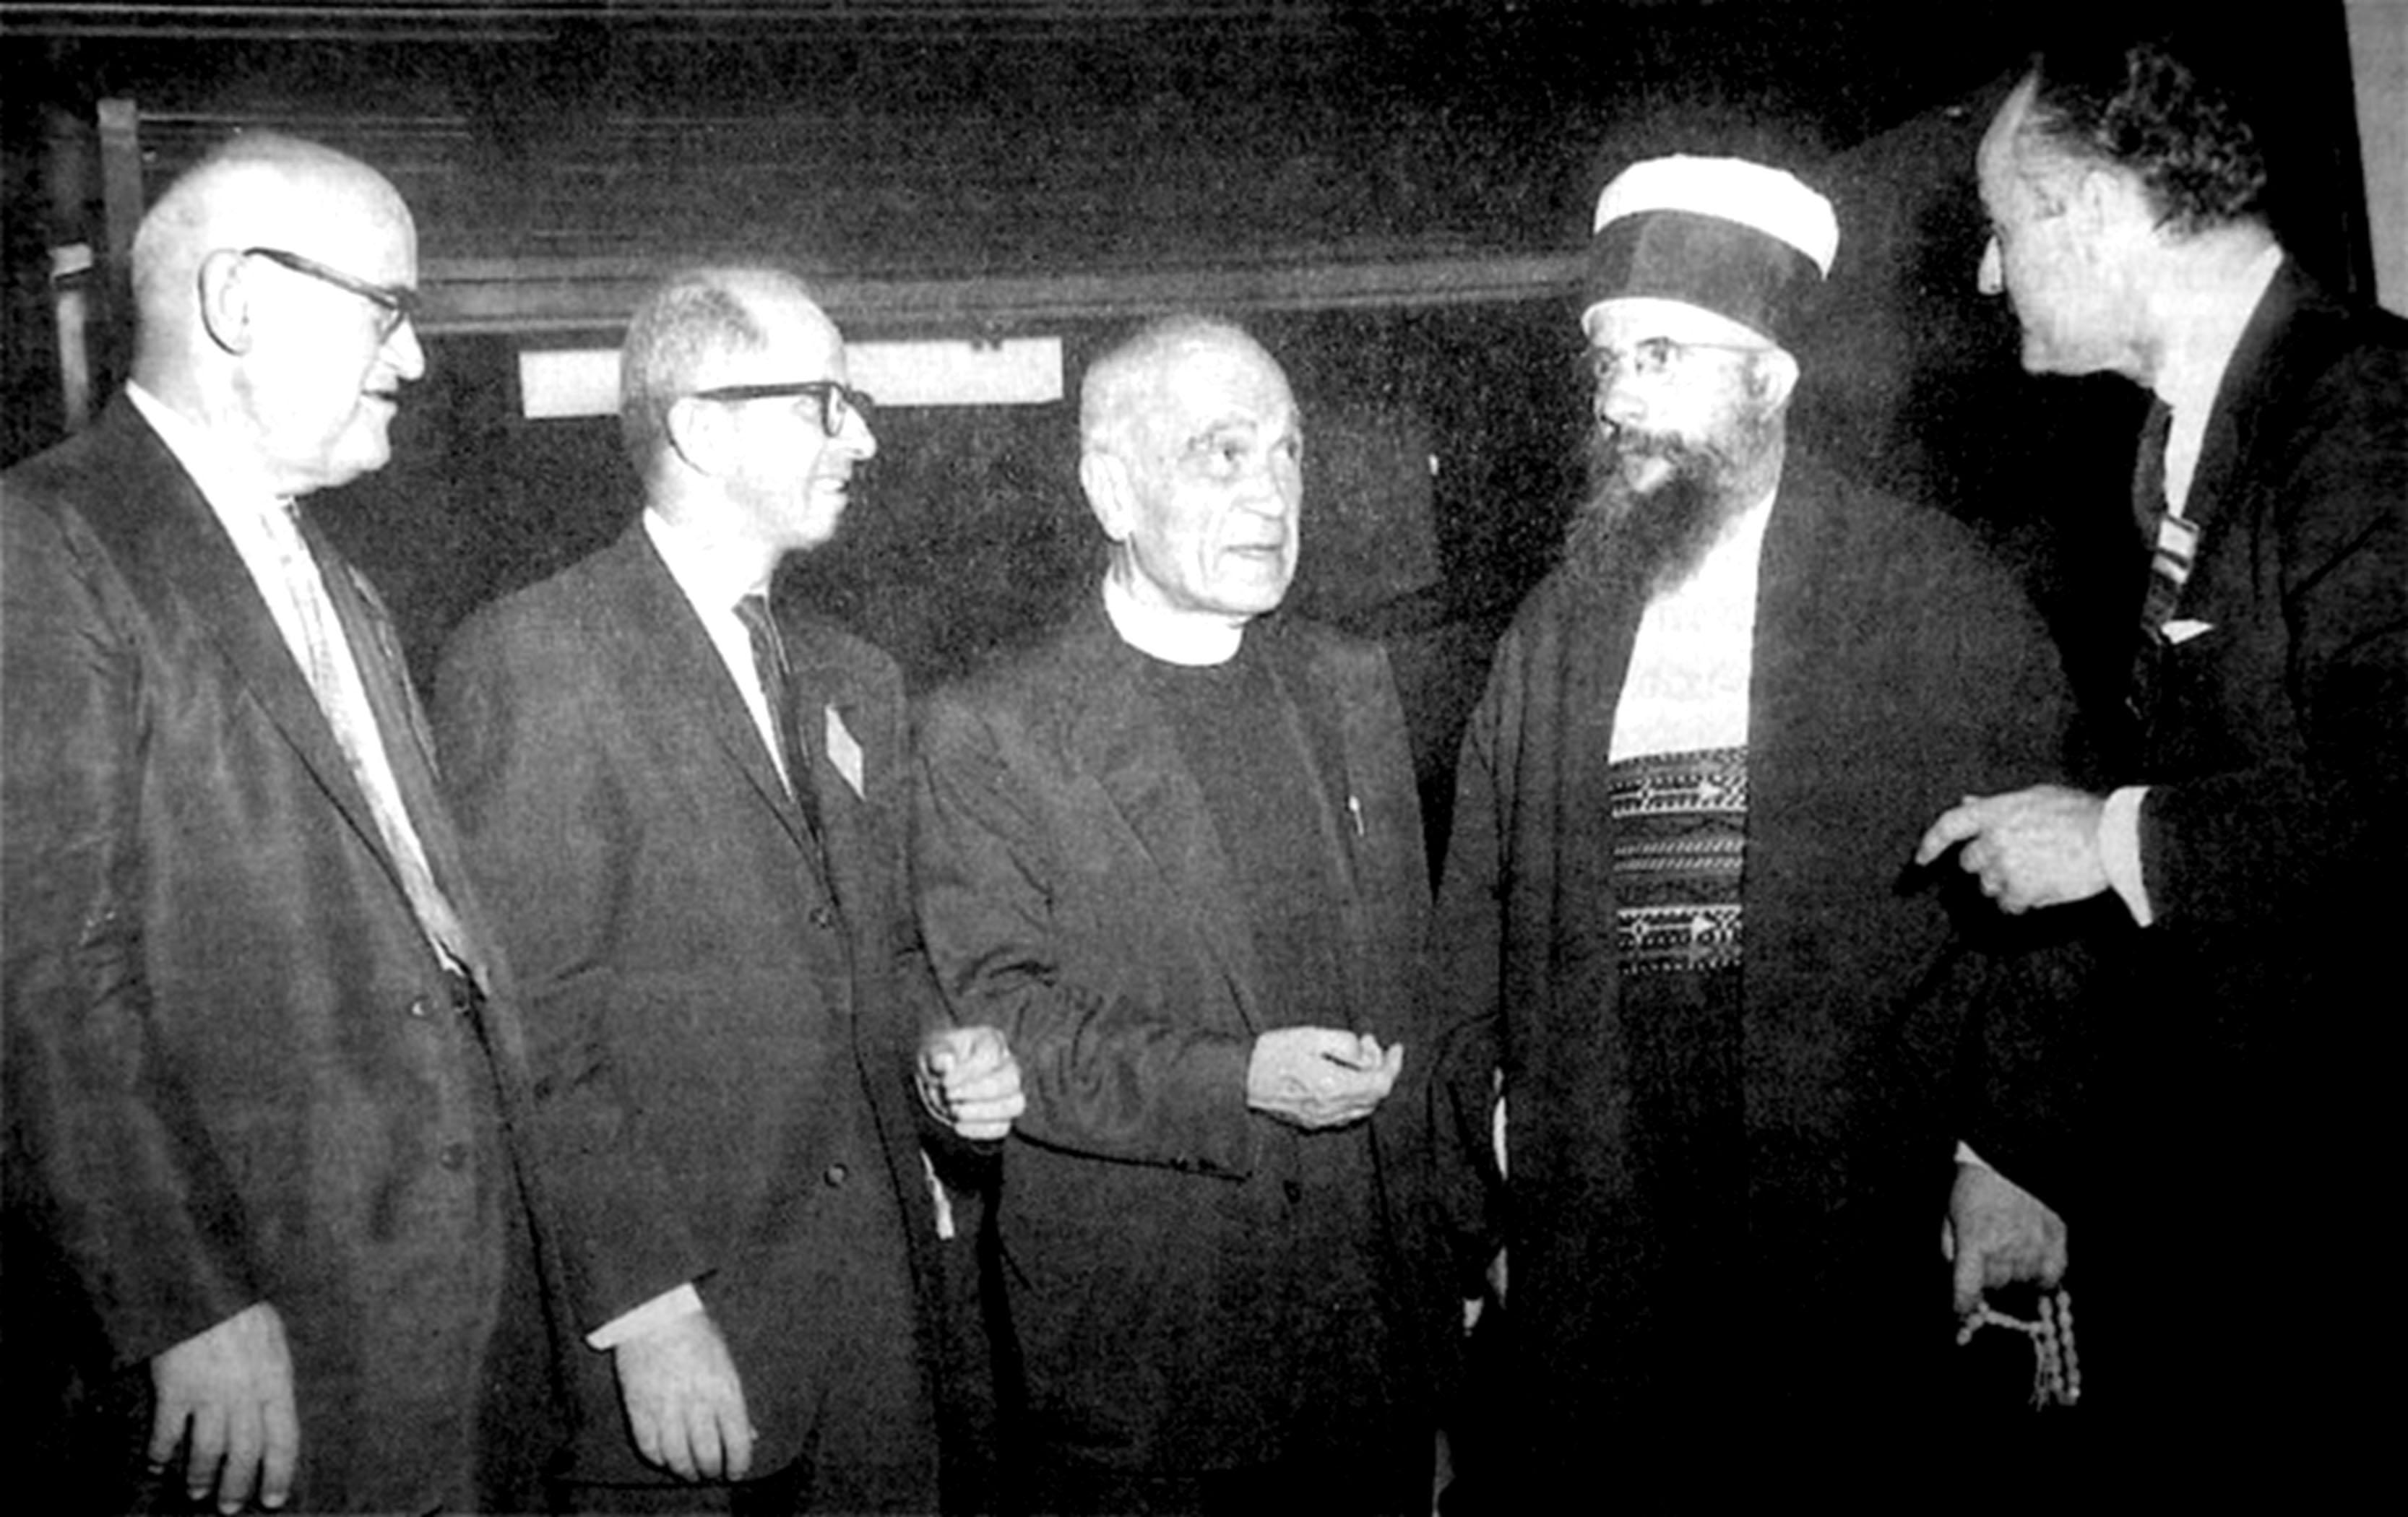 Kristo Thanas, Imam Vehbi Ismaili, Fan Noli, Baba Rexhebi, Anthony Athanas, Boston 1959